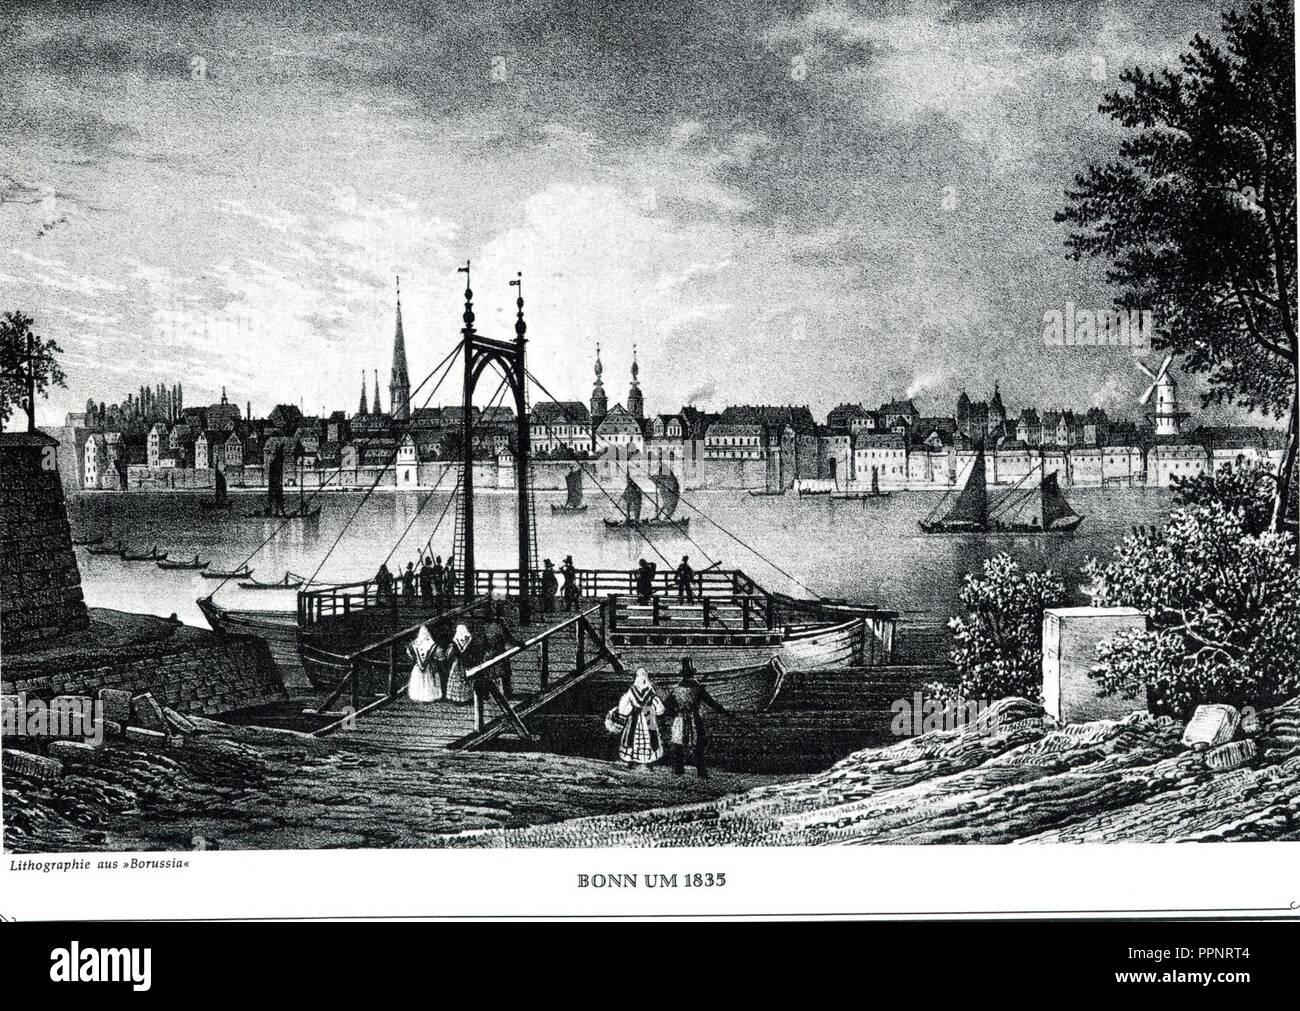 Bonn um1835 Stahlstich. - Stock Image